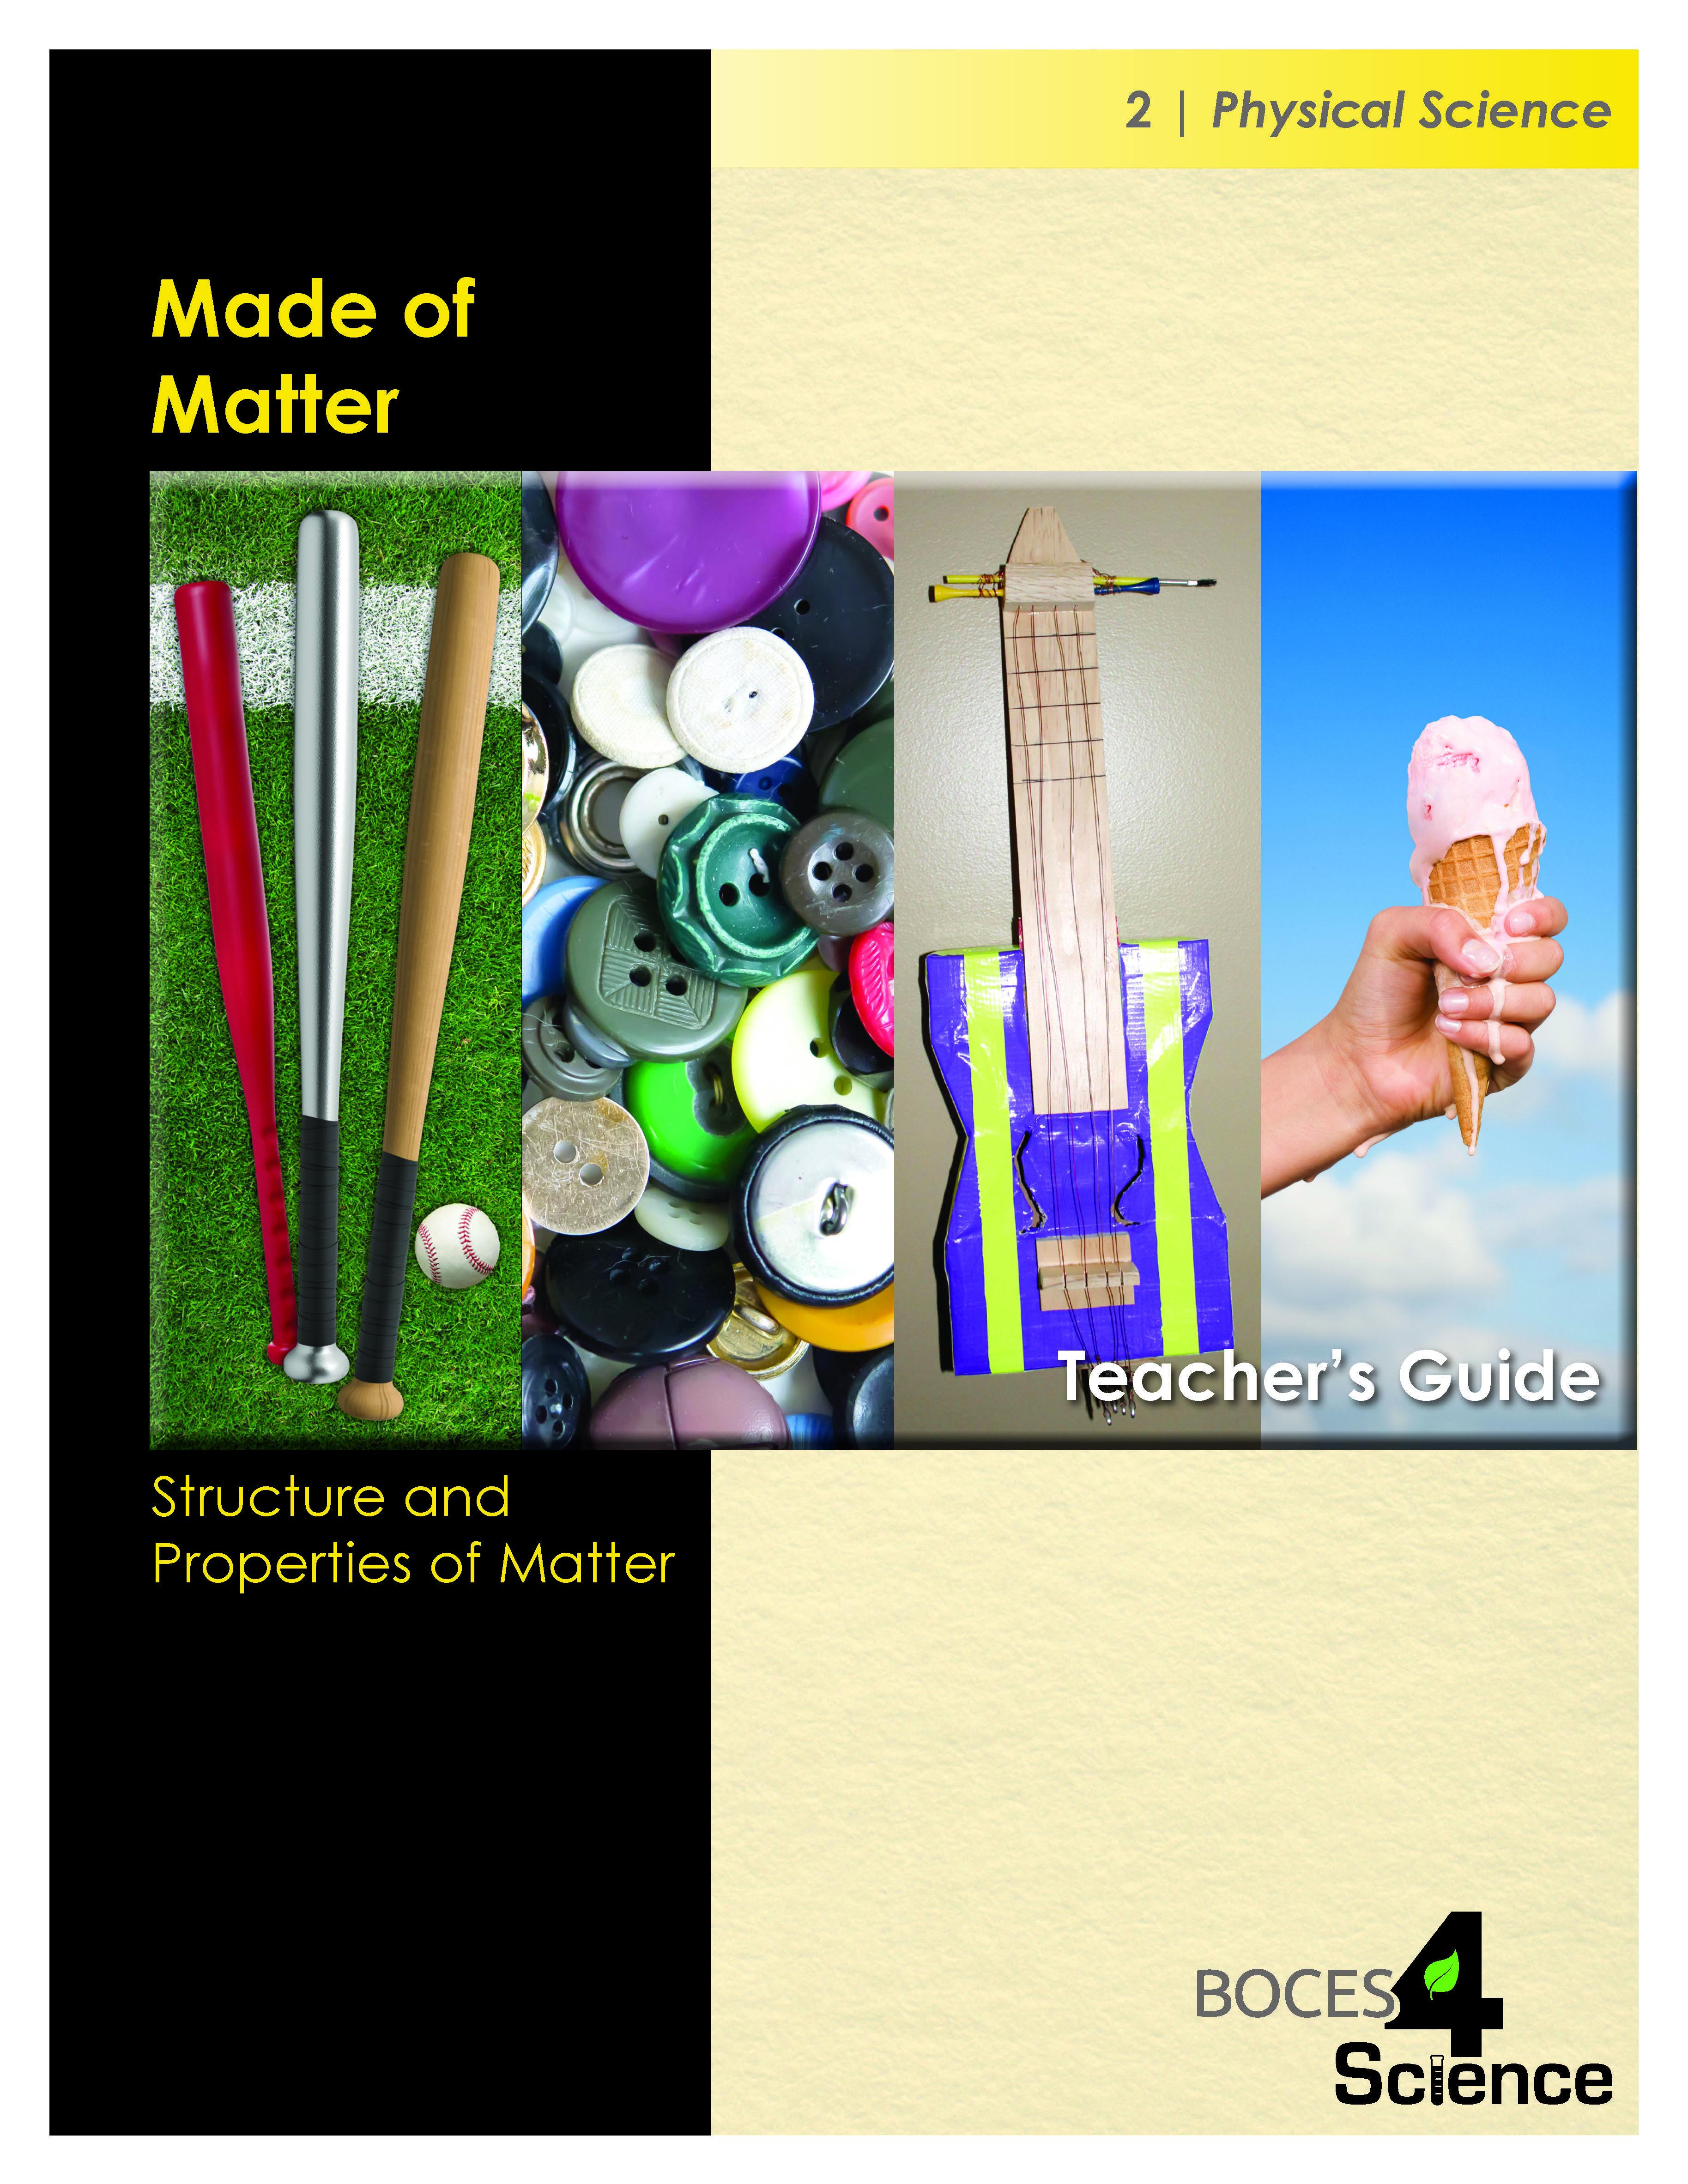 Made of Matter Kit